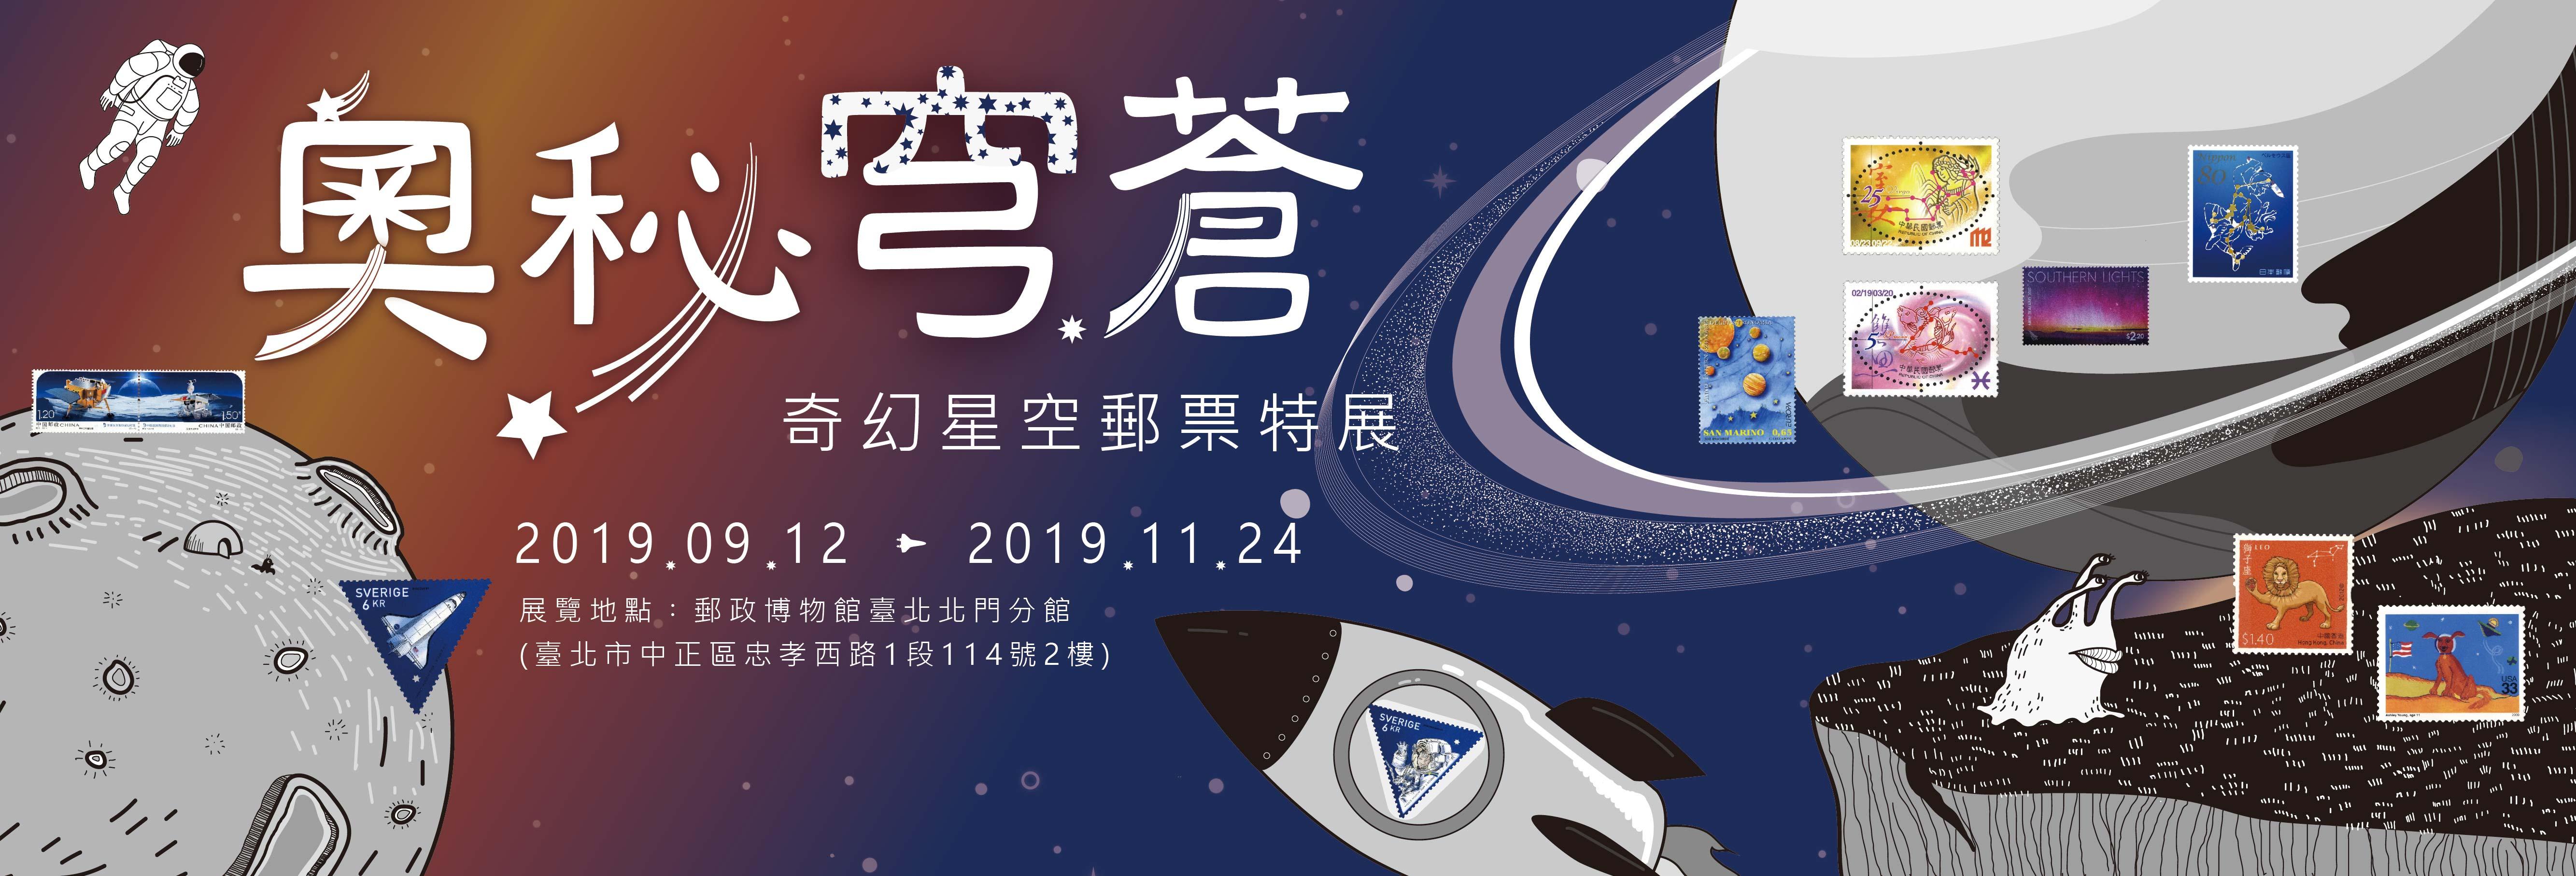 廣告連結:奧秘穹蒼-奇幻星空郵票特展